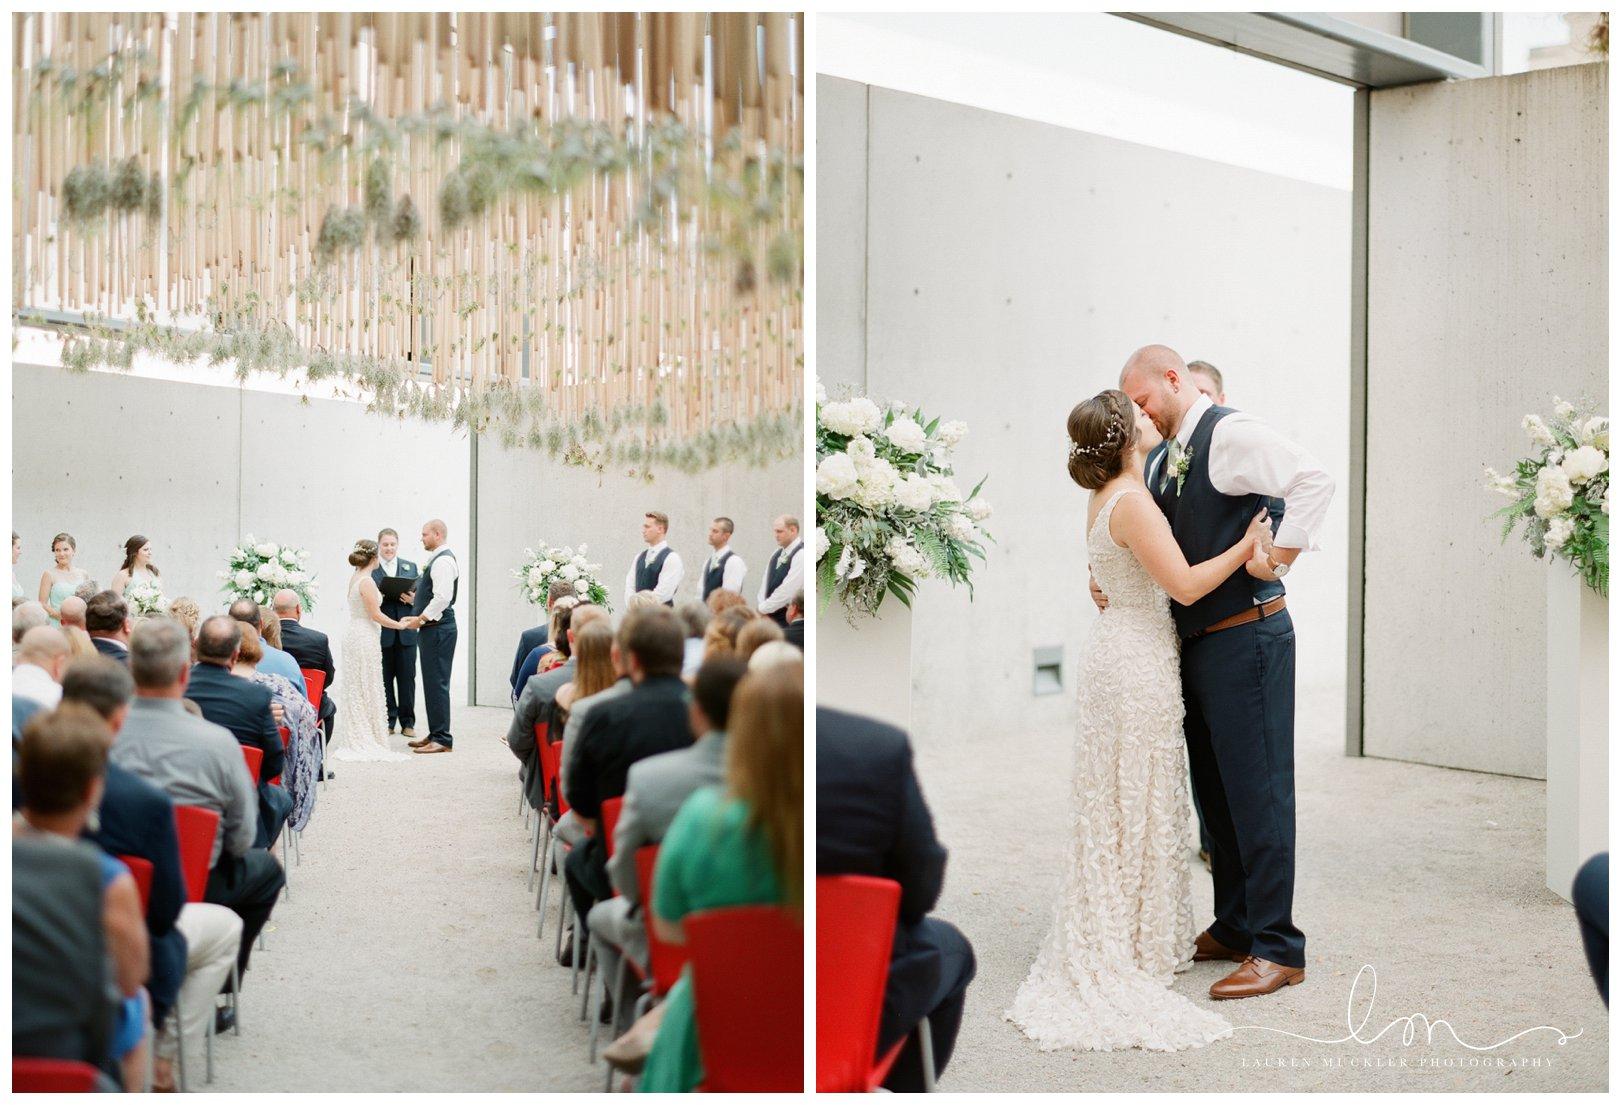 lauren muckler photography_fine art film wedding photography_st louis_photography_0563.jpg